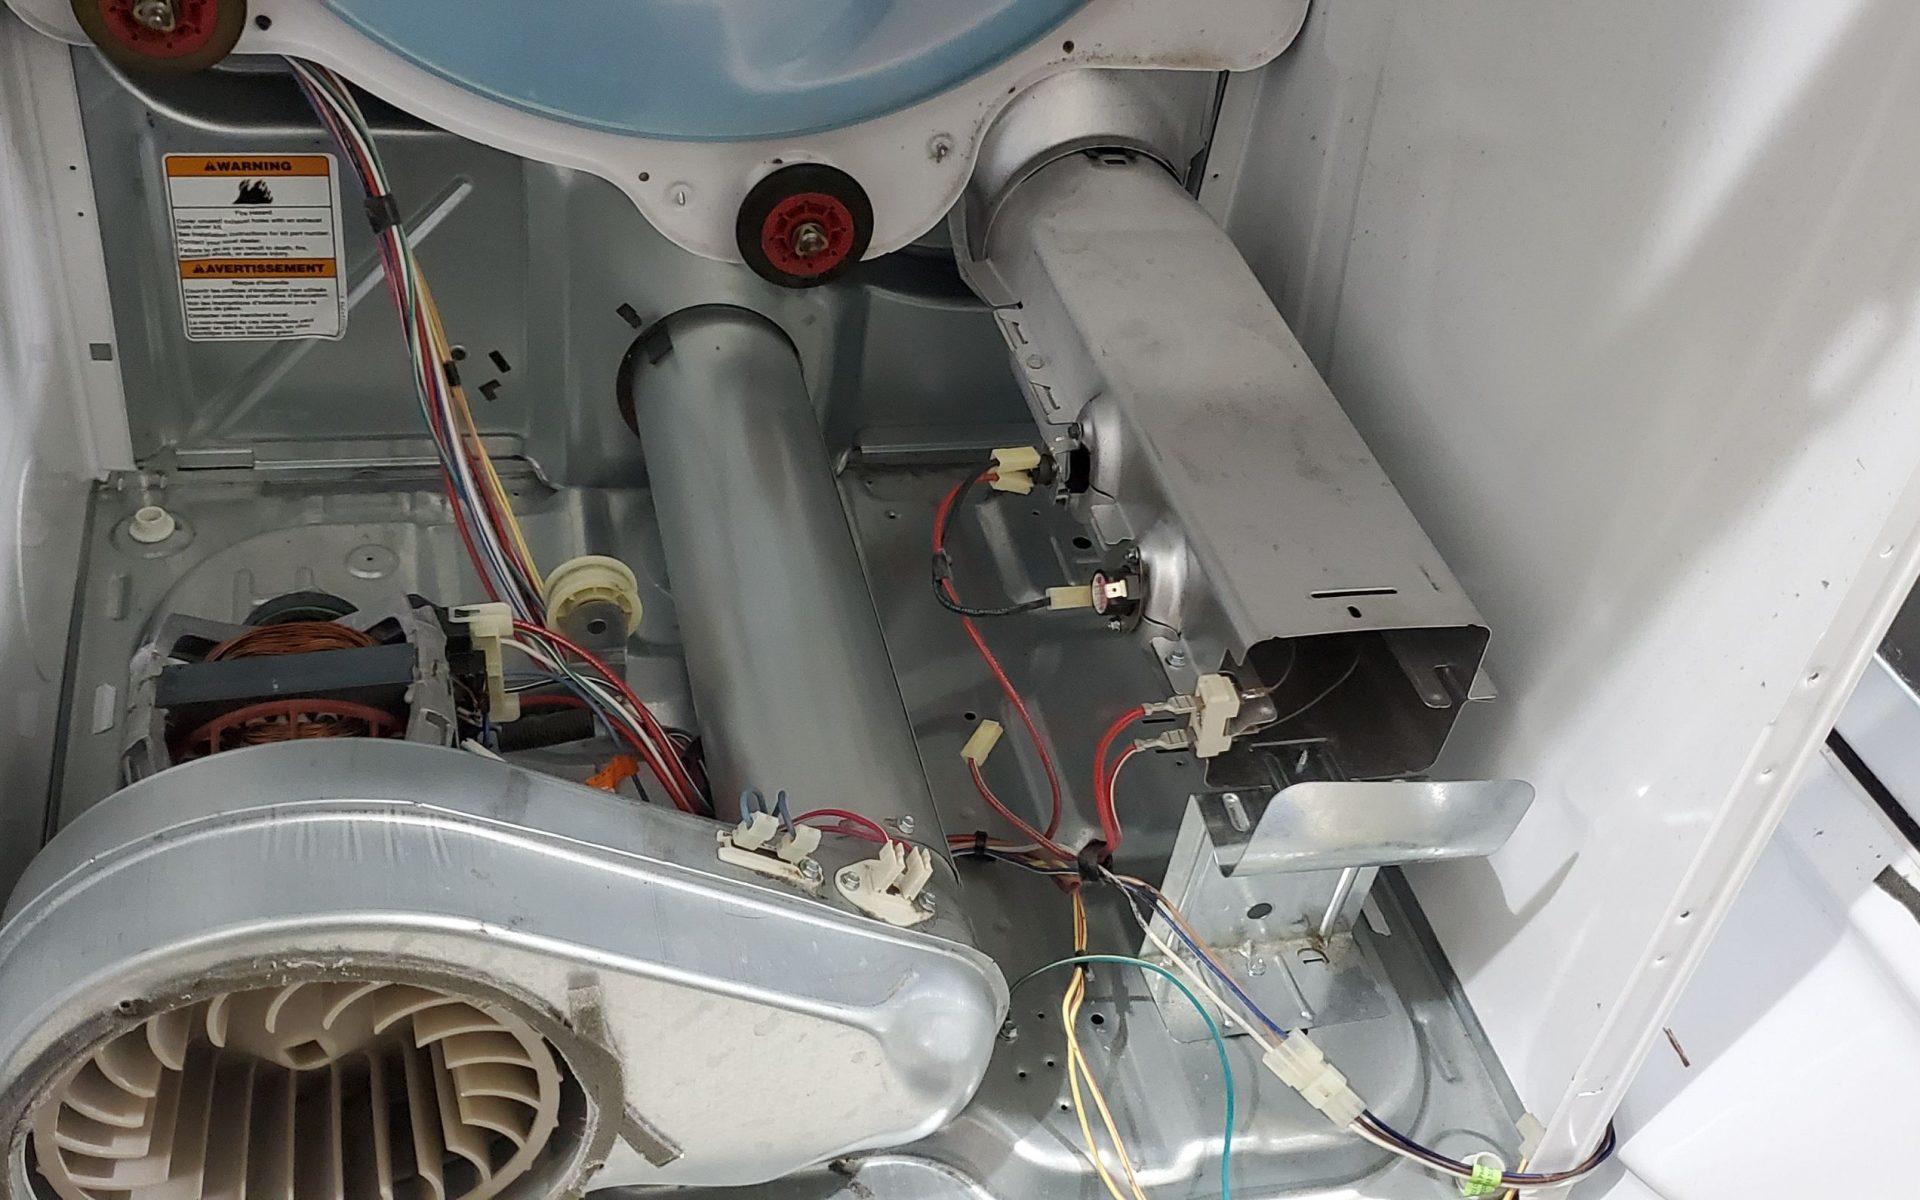 dryer troubleshooting